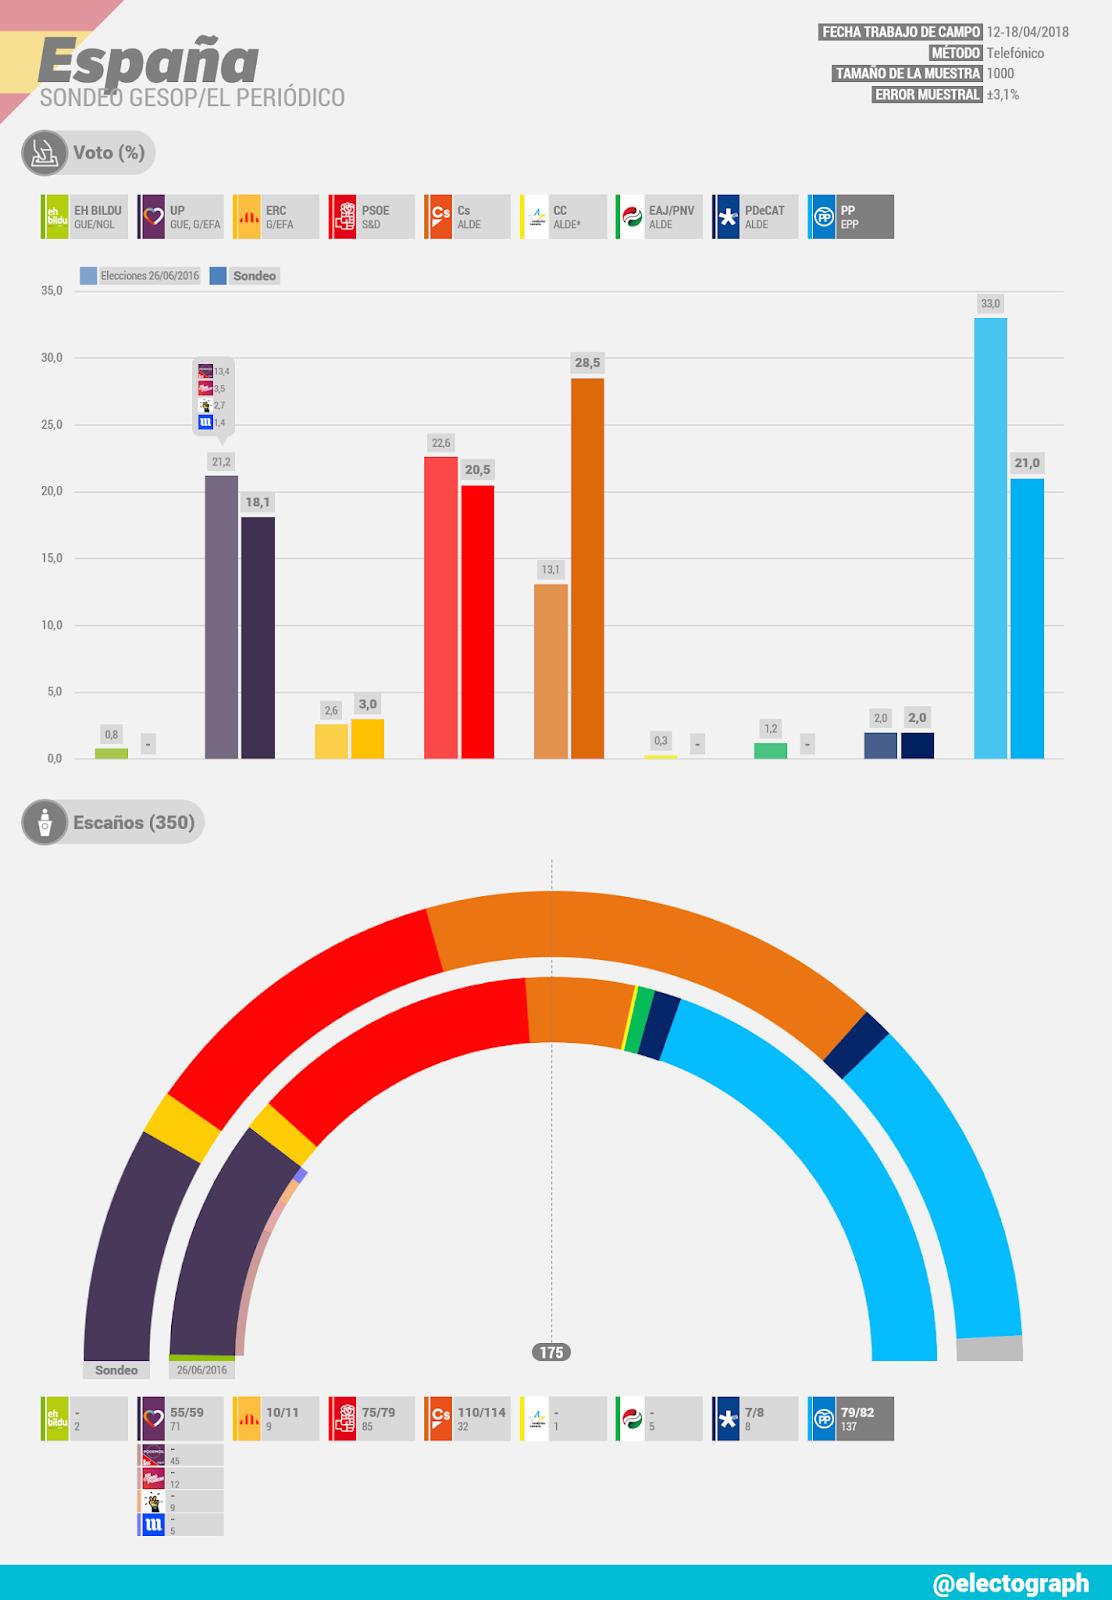 Gráfico de la encuesta para elecciones generales en España realizada por GESOP para El Periódico en abril de 2018